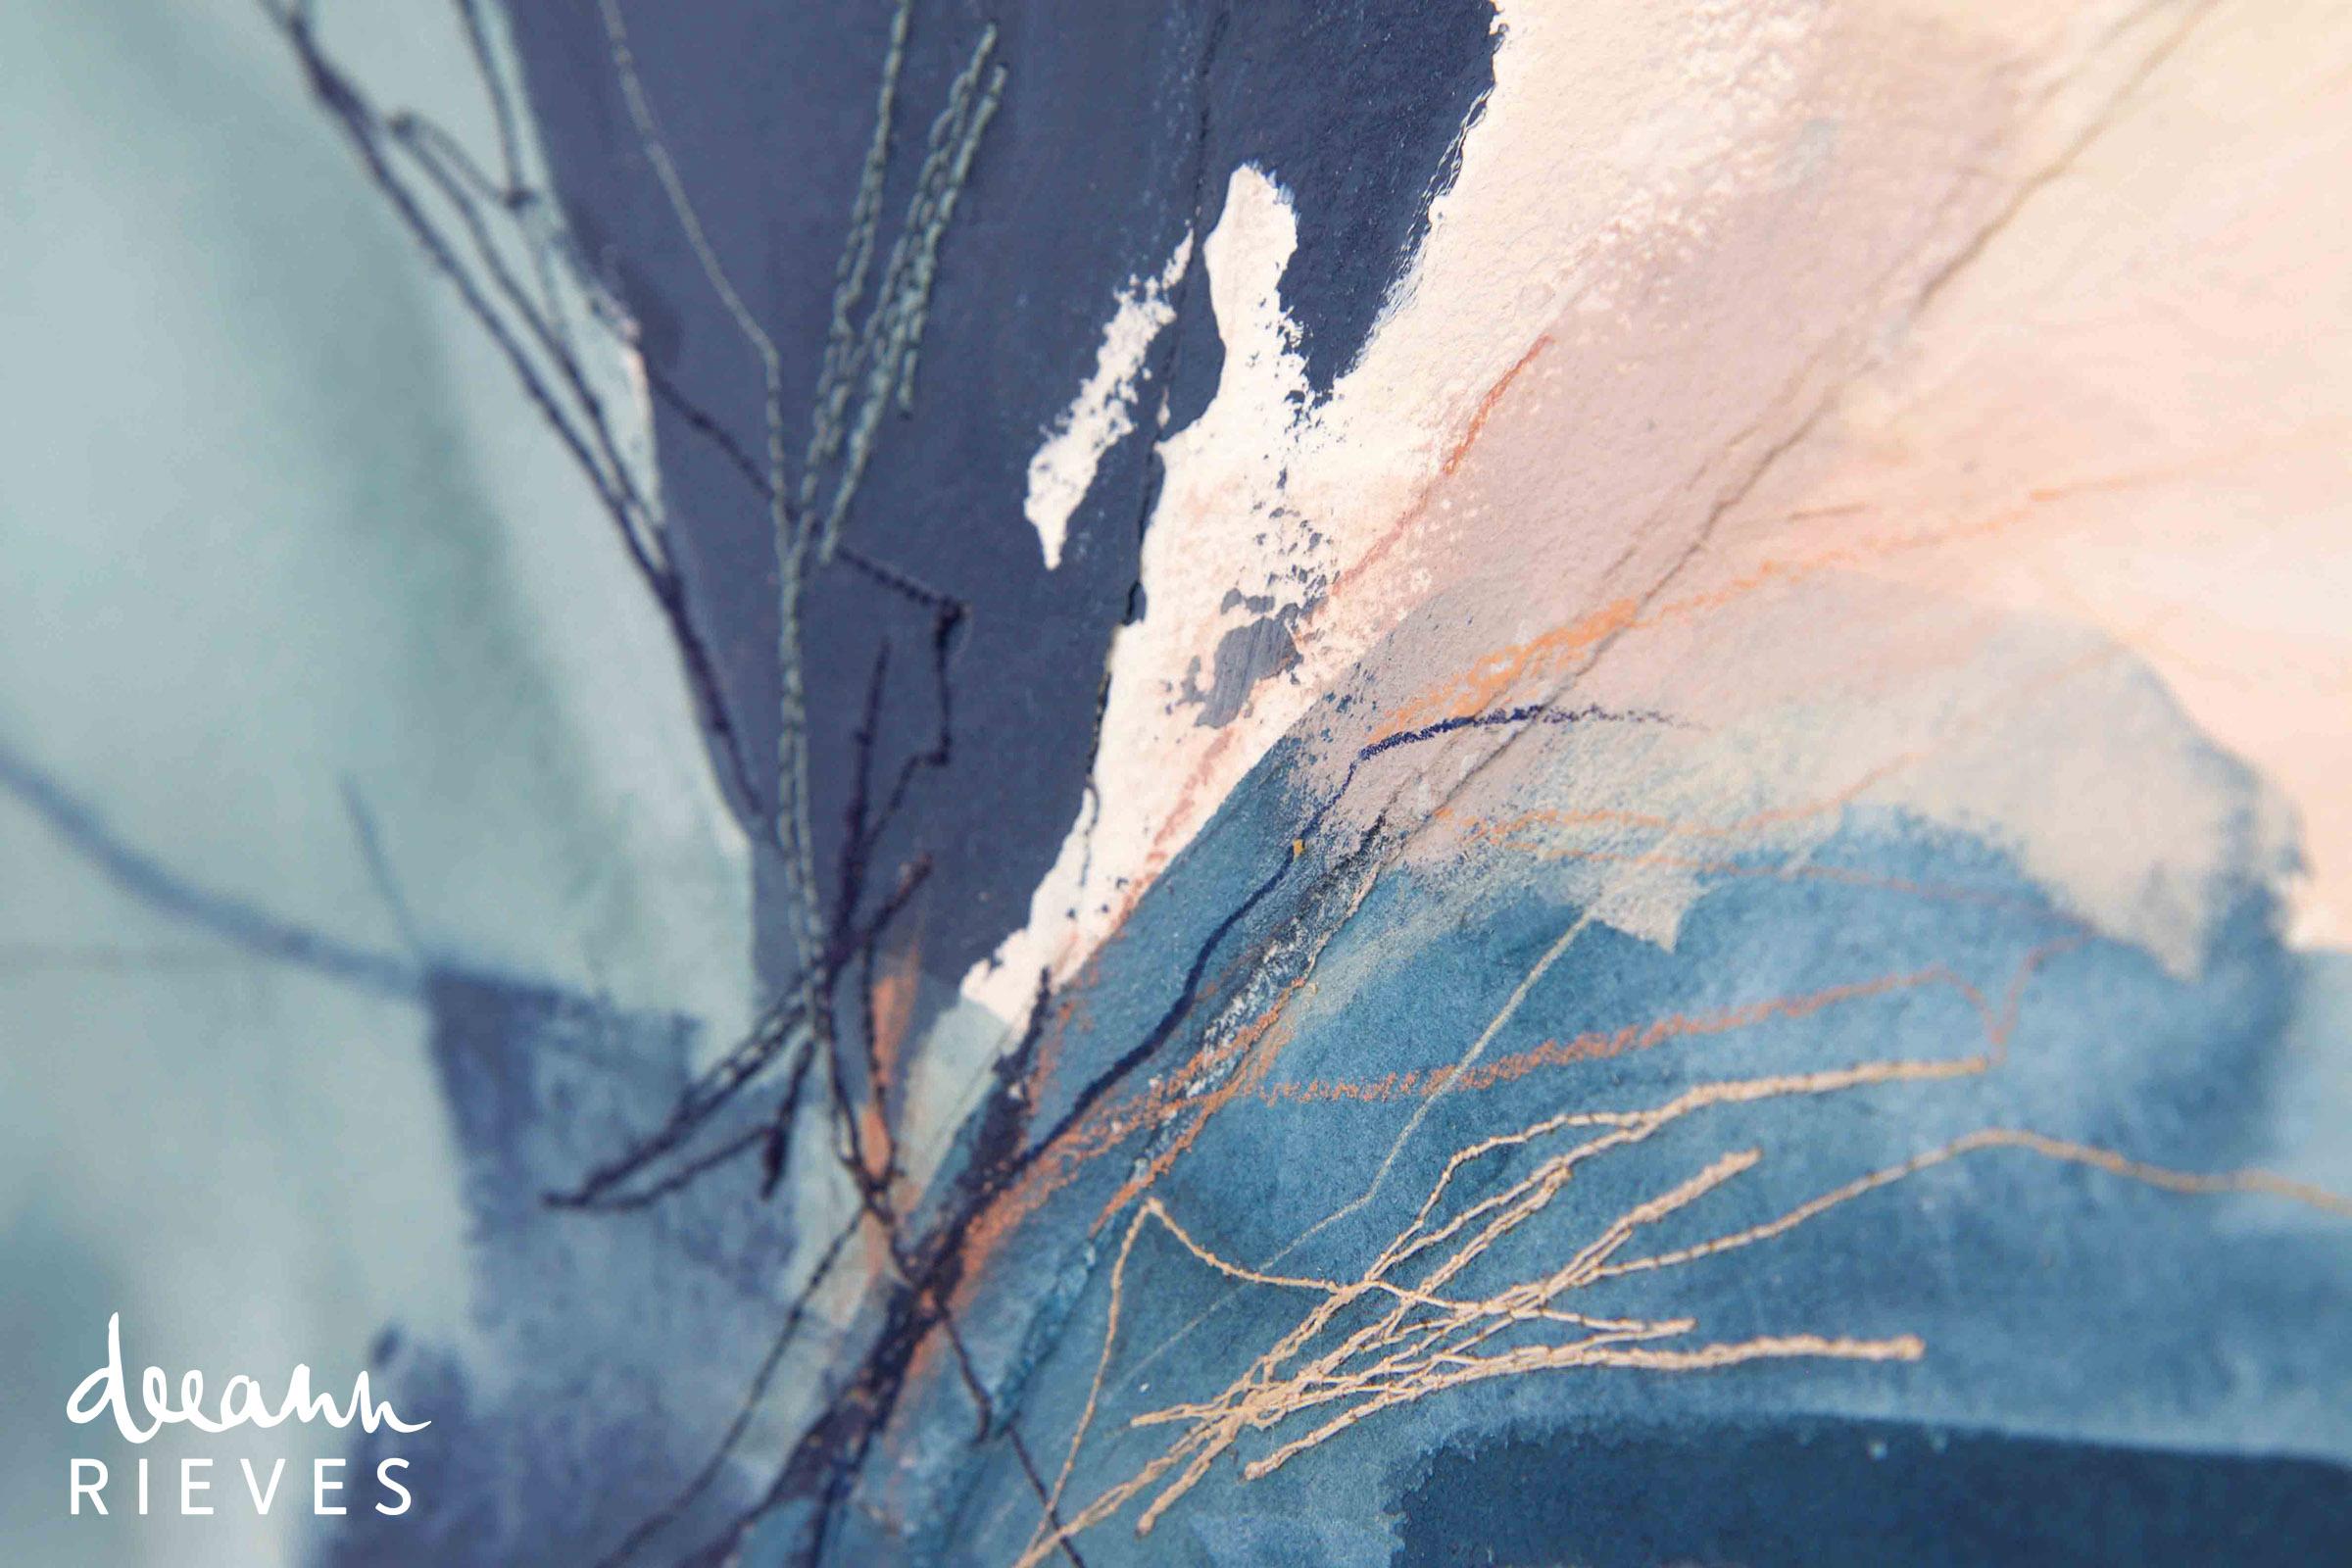 deeann-rieves-abstract-navy-peach-embroidery.jpg